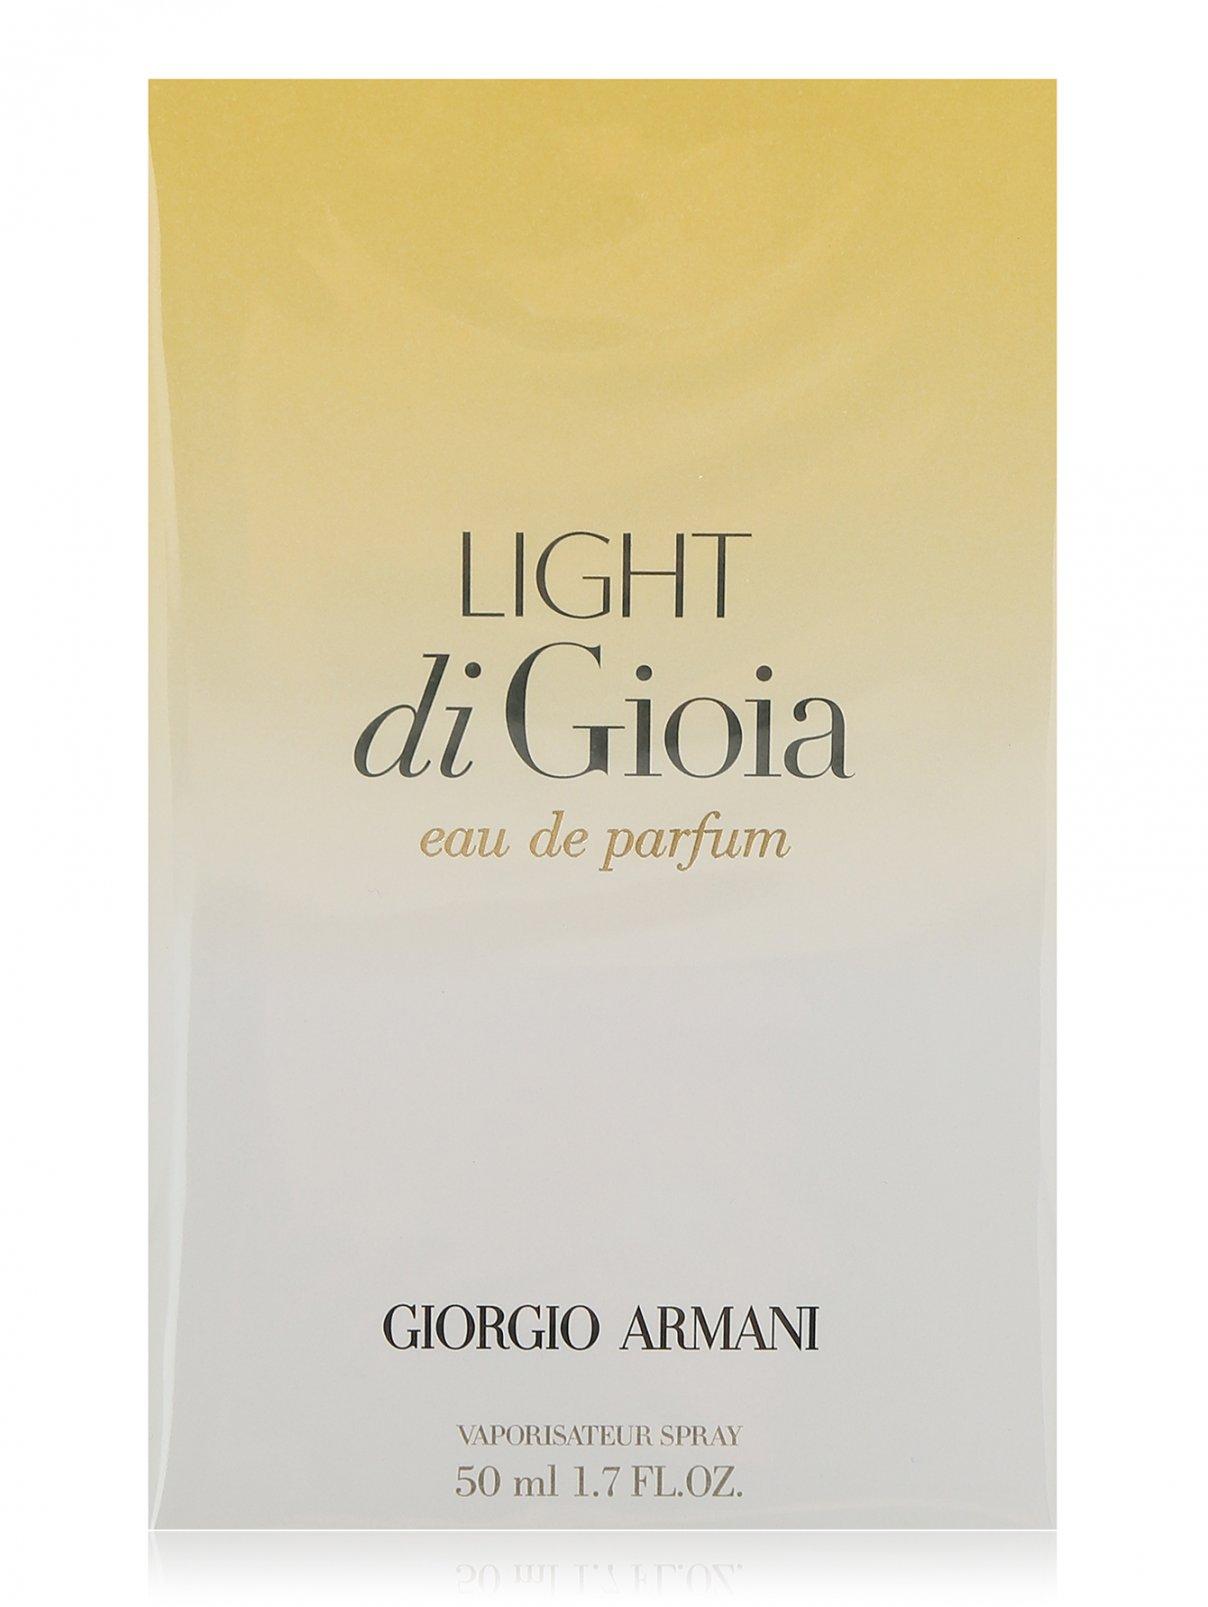 Парфюмерная вода 50 мл Light GIOIA Giorgio Armani  –  Общий вид